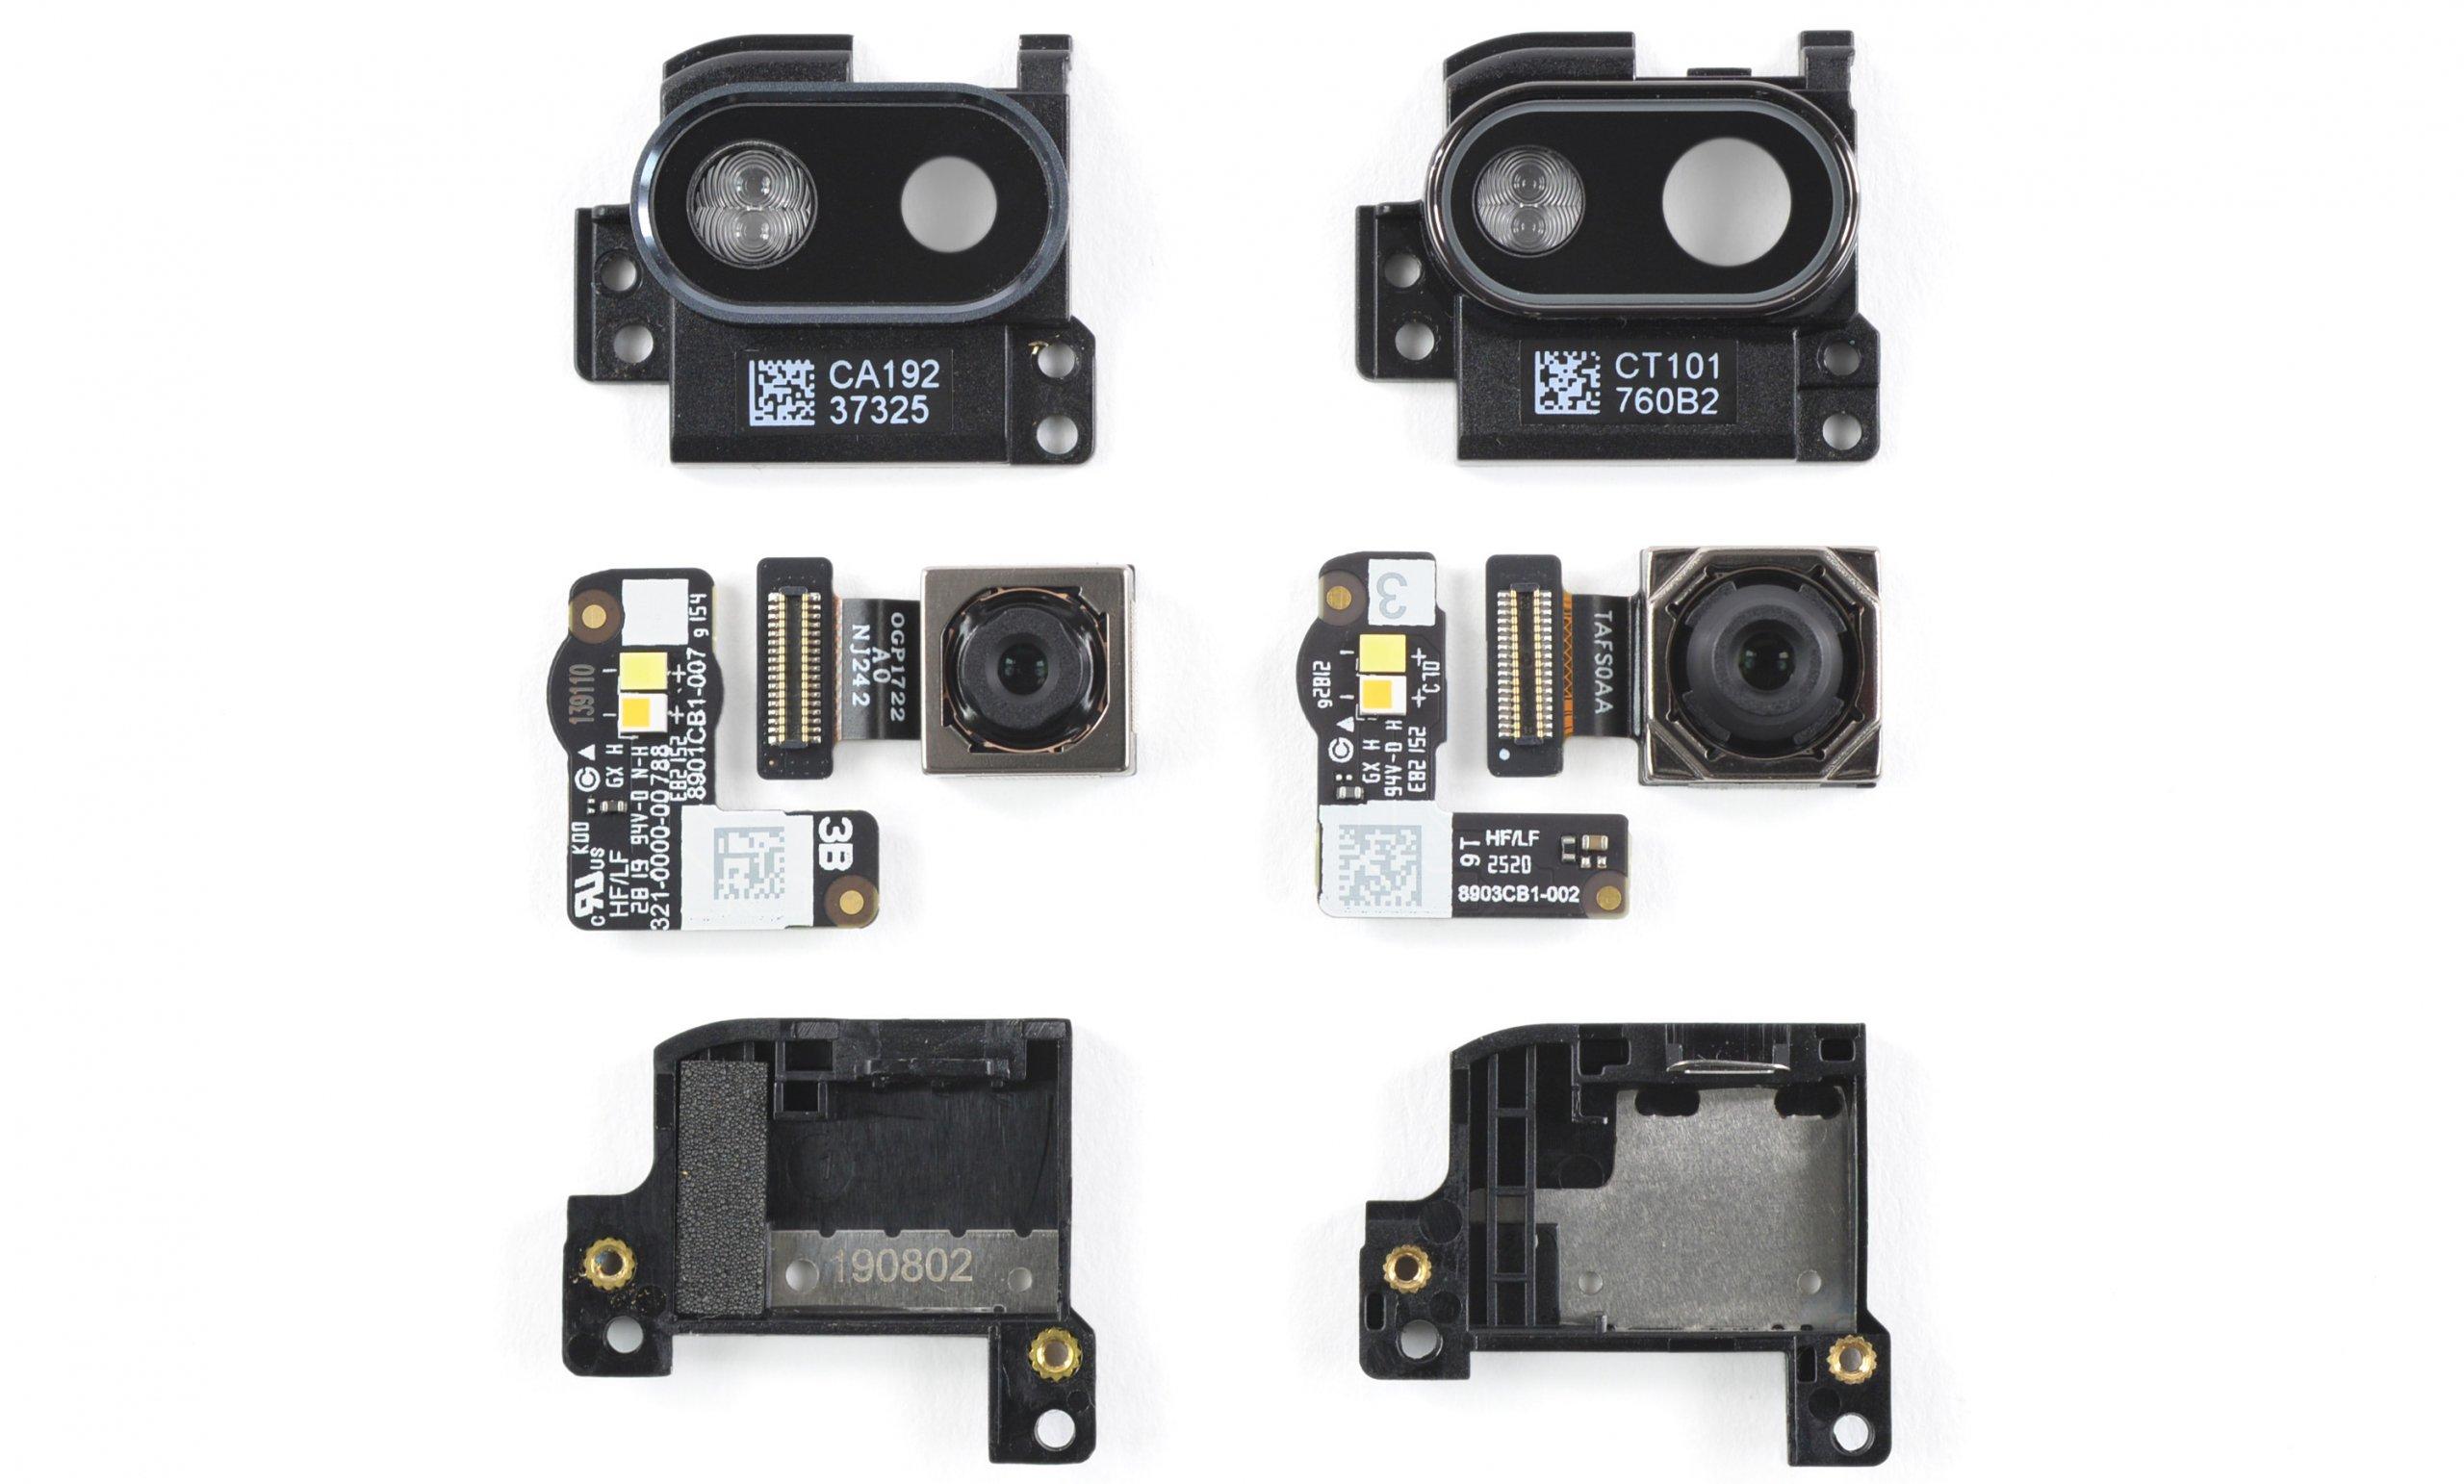 Fairphone camera modules